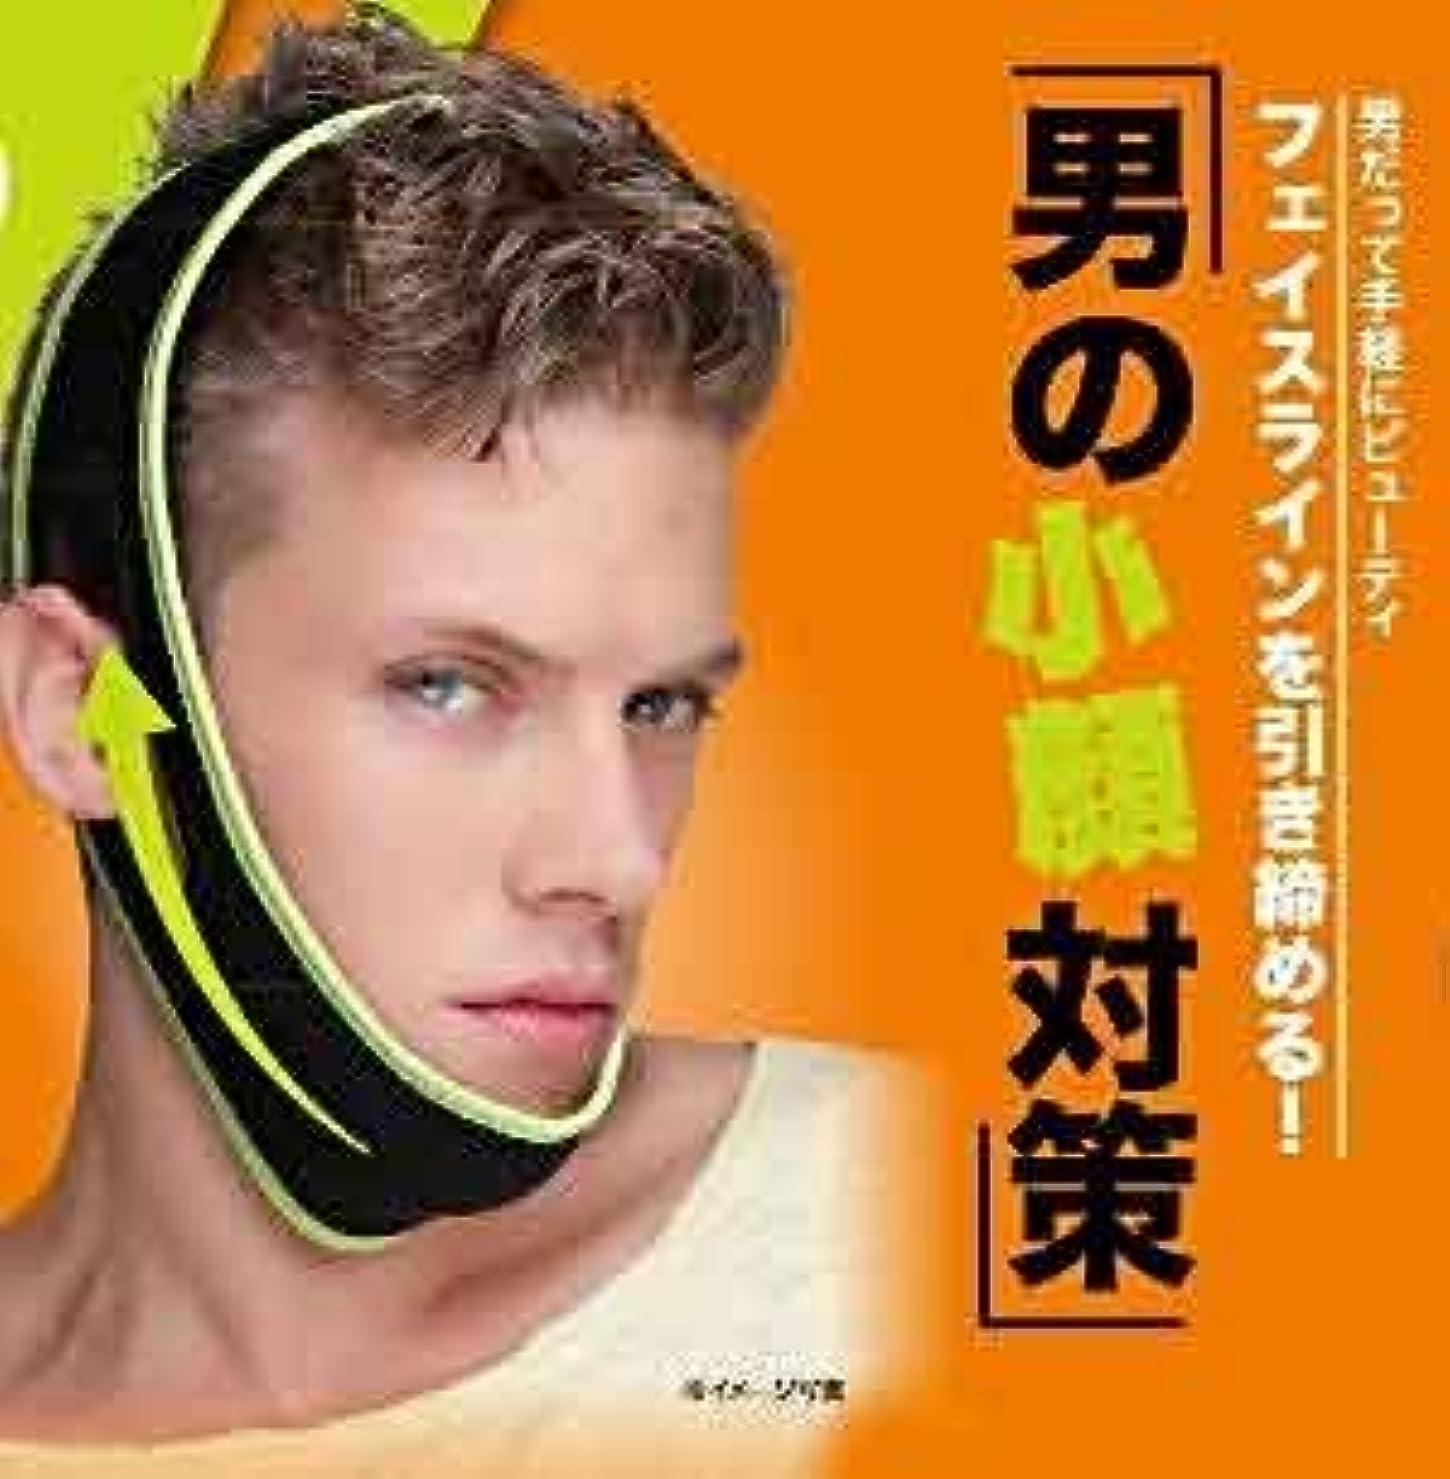 インテリア桁泥沼寝ている間にしっかり引き締め&小顔補正フェイスマスク メンズ小顔リフトアップベルト